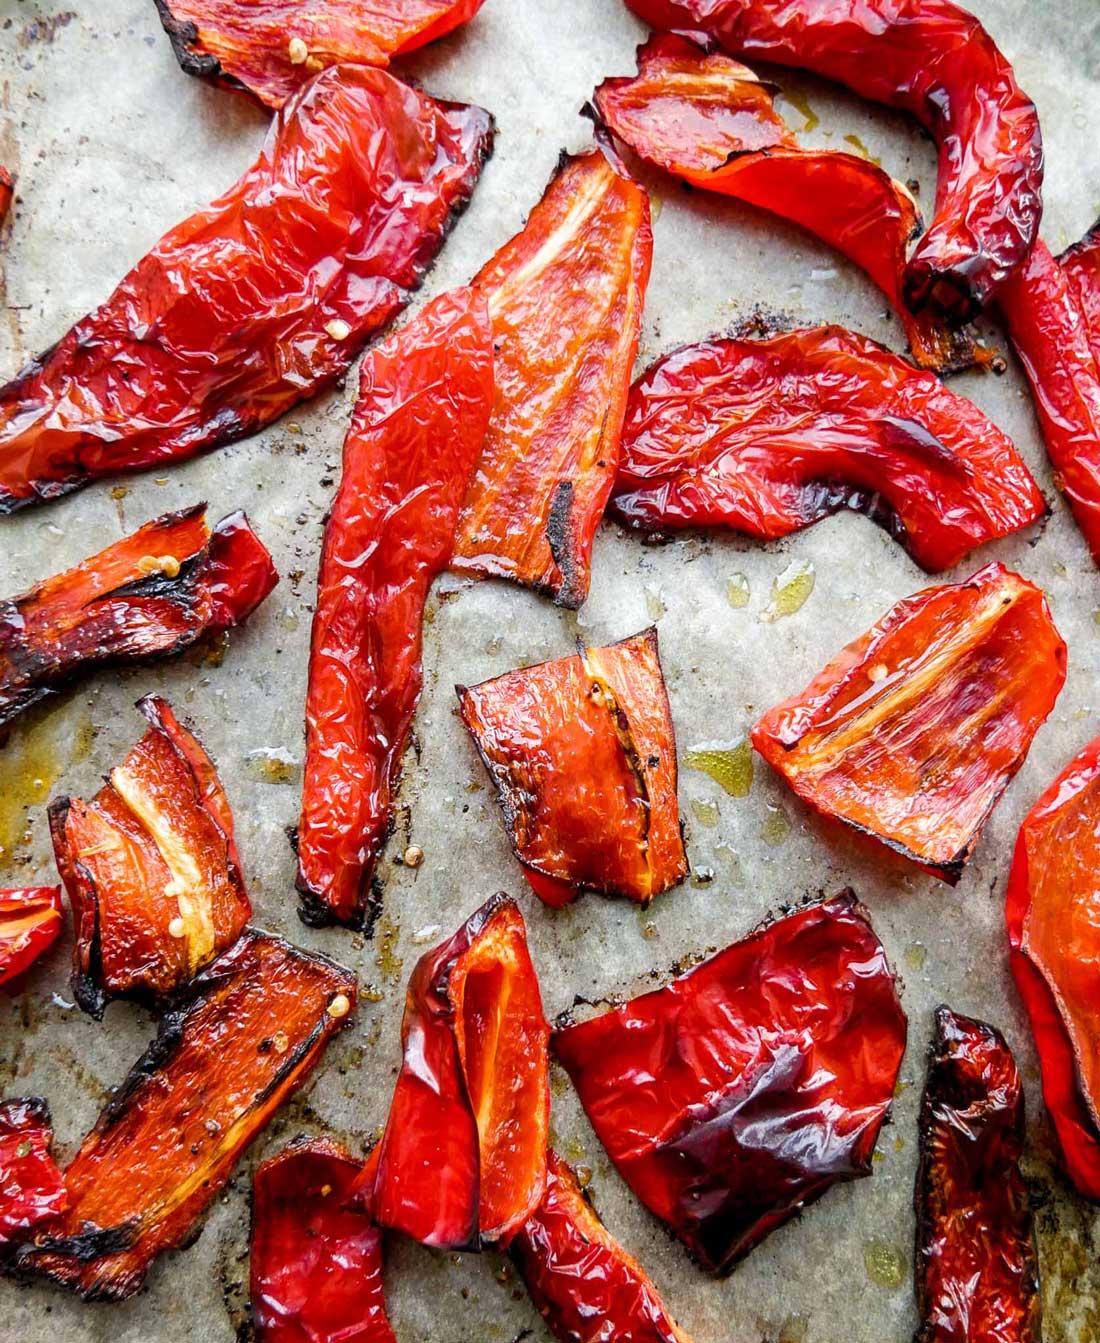 ovnbagte peberfrugter i ovn